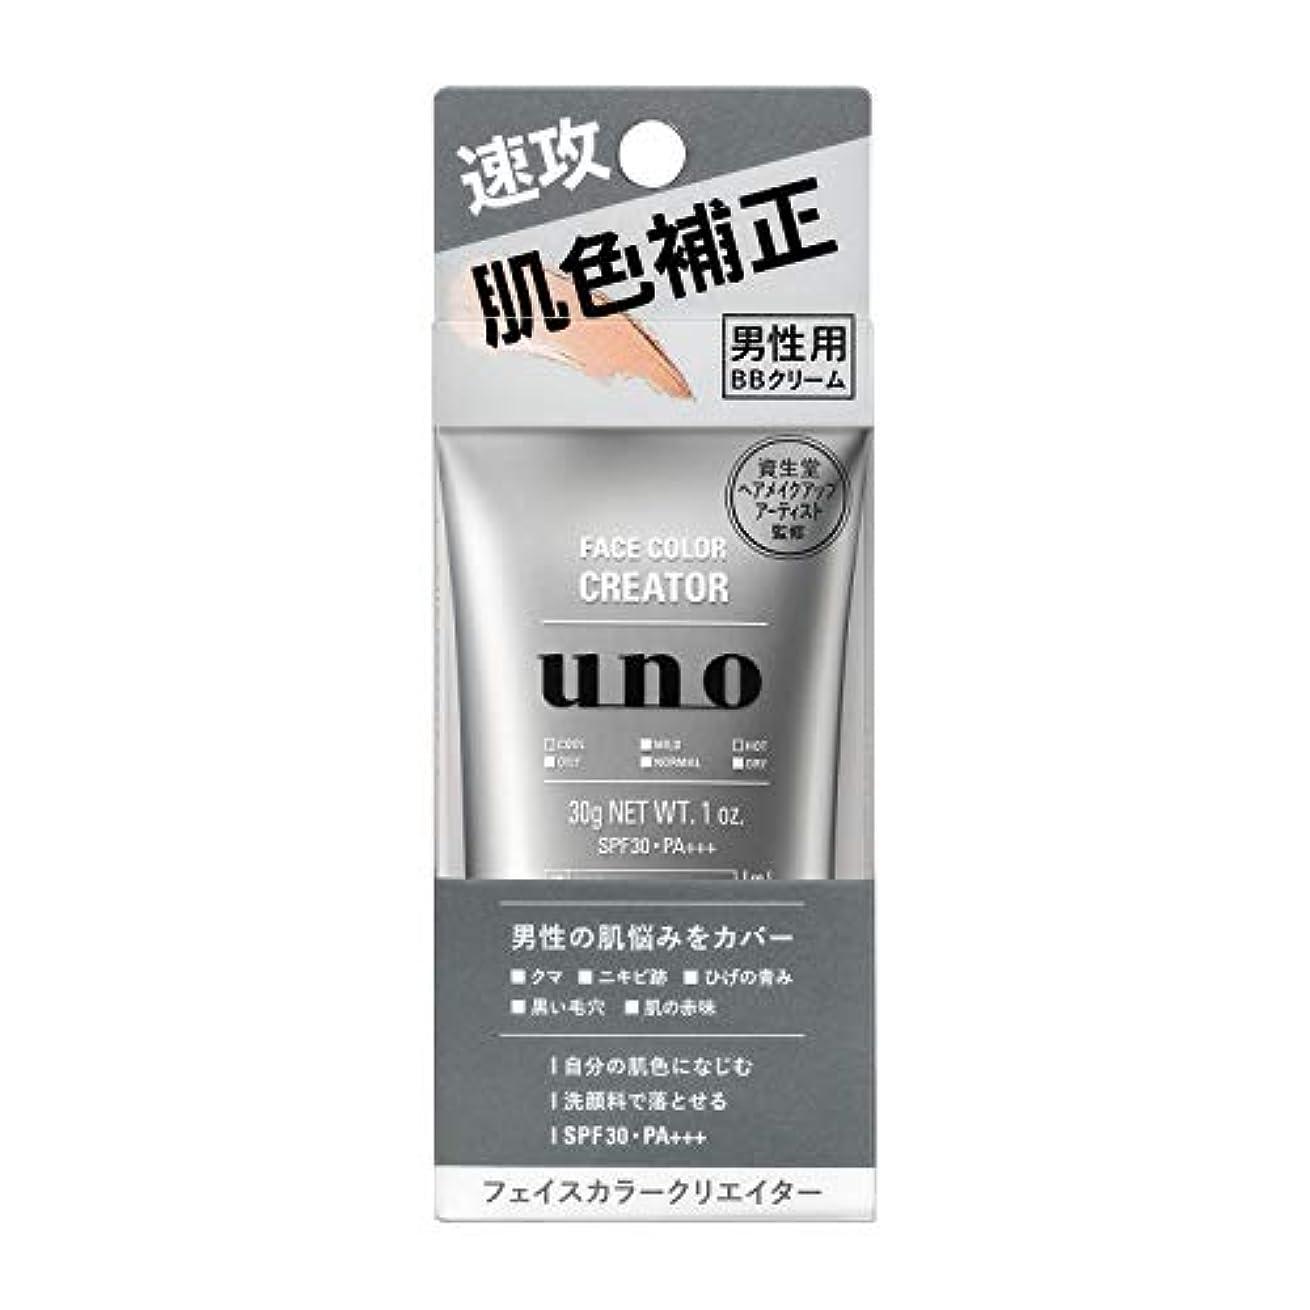 保有者丈夫バックグラウンドUNO(ウーノ)フェイスカラークリエイター BBクリーム メンズ SPF30 PA+++ 30g